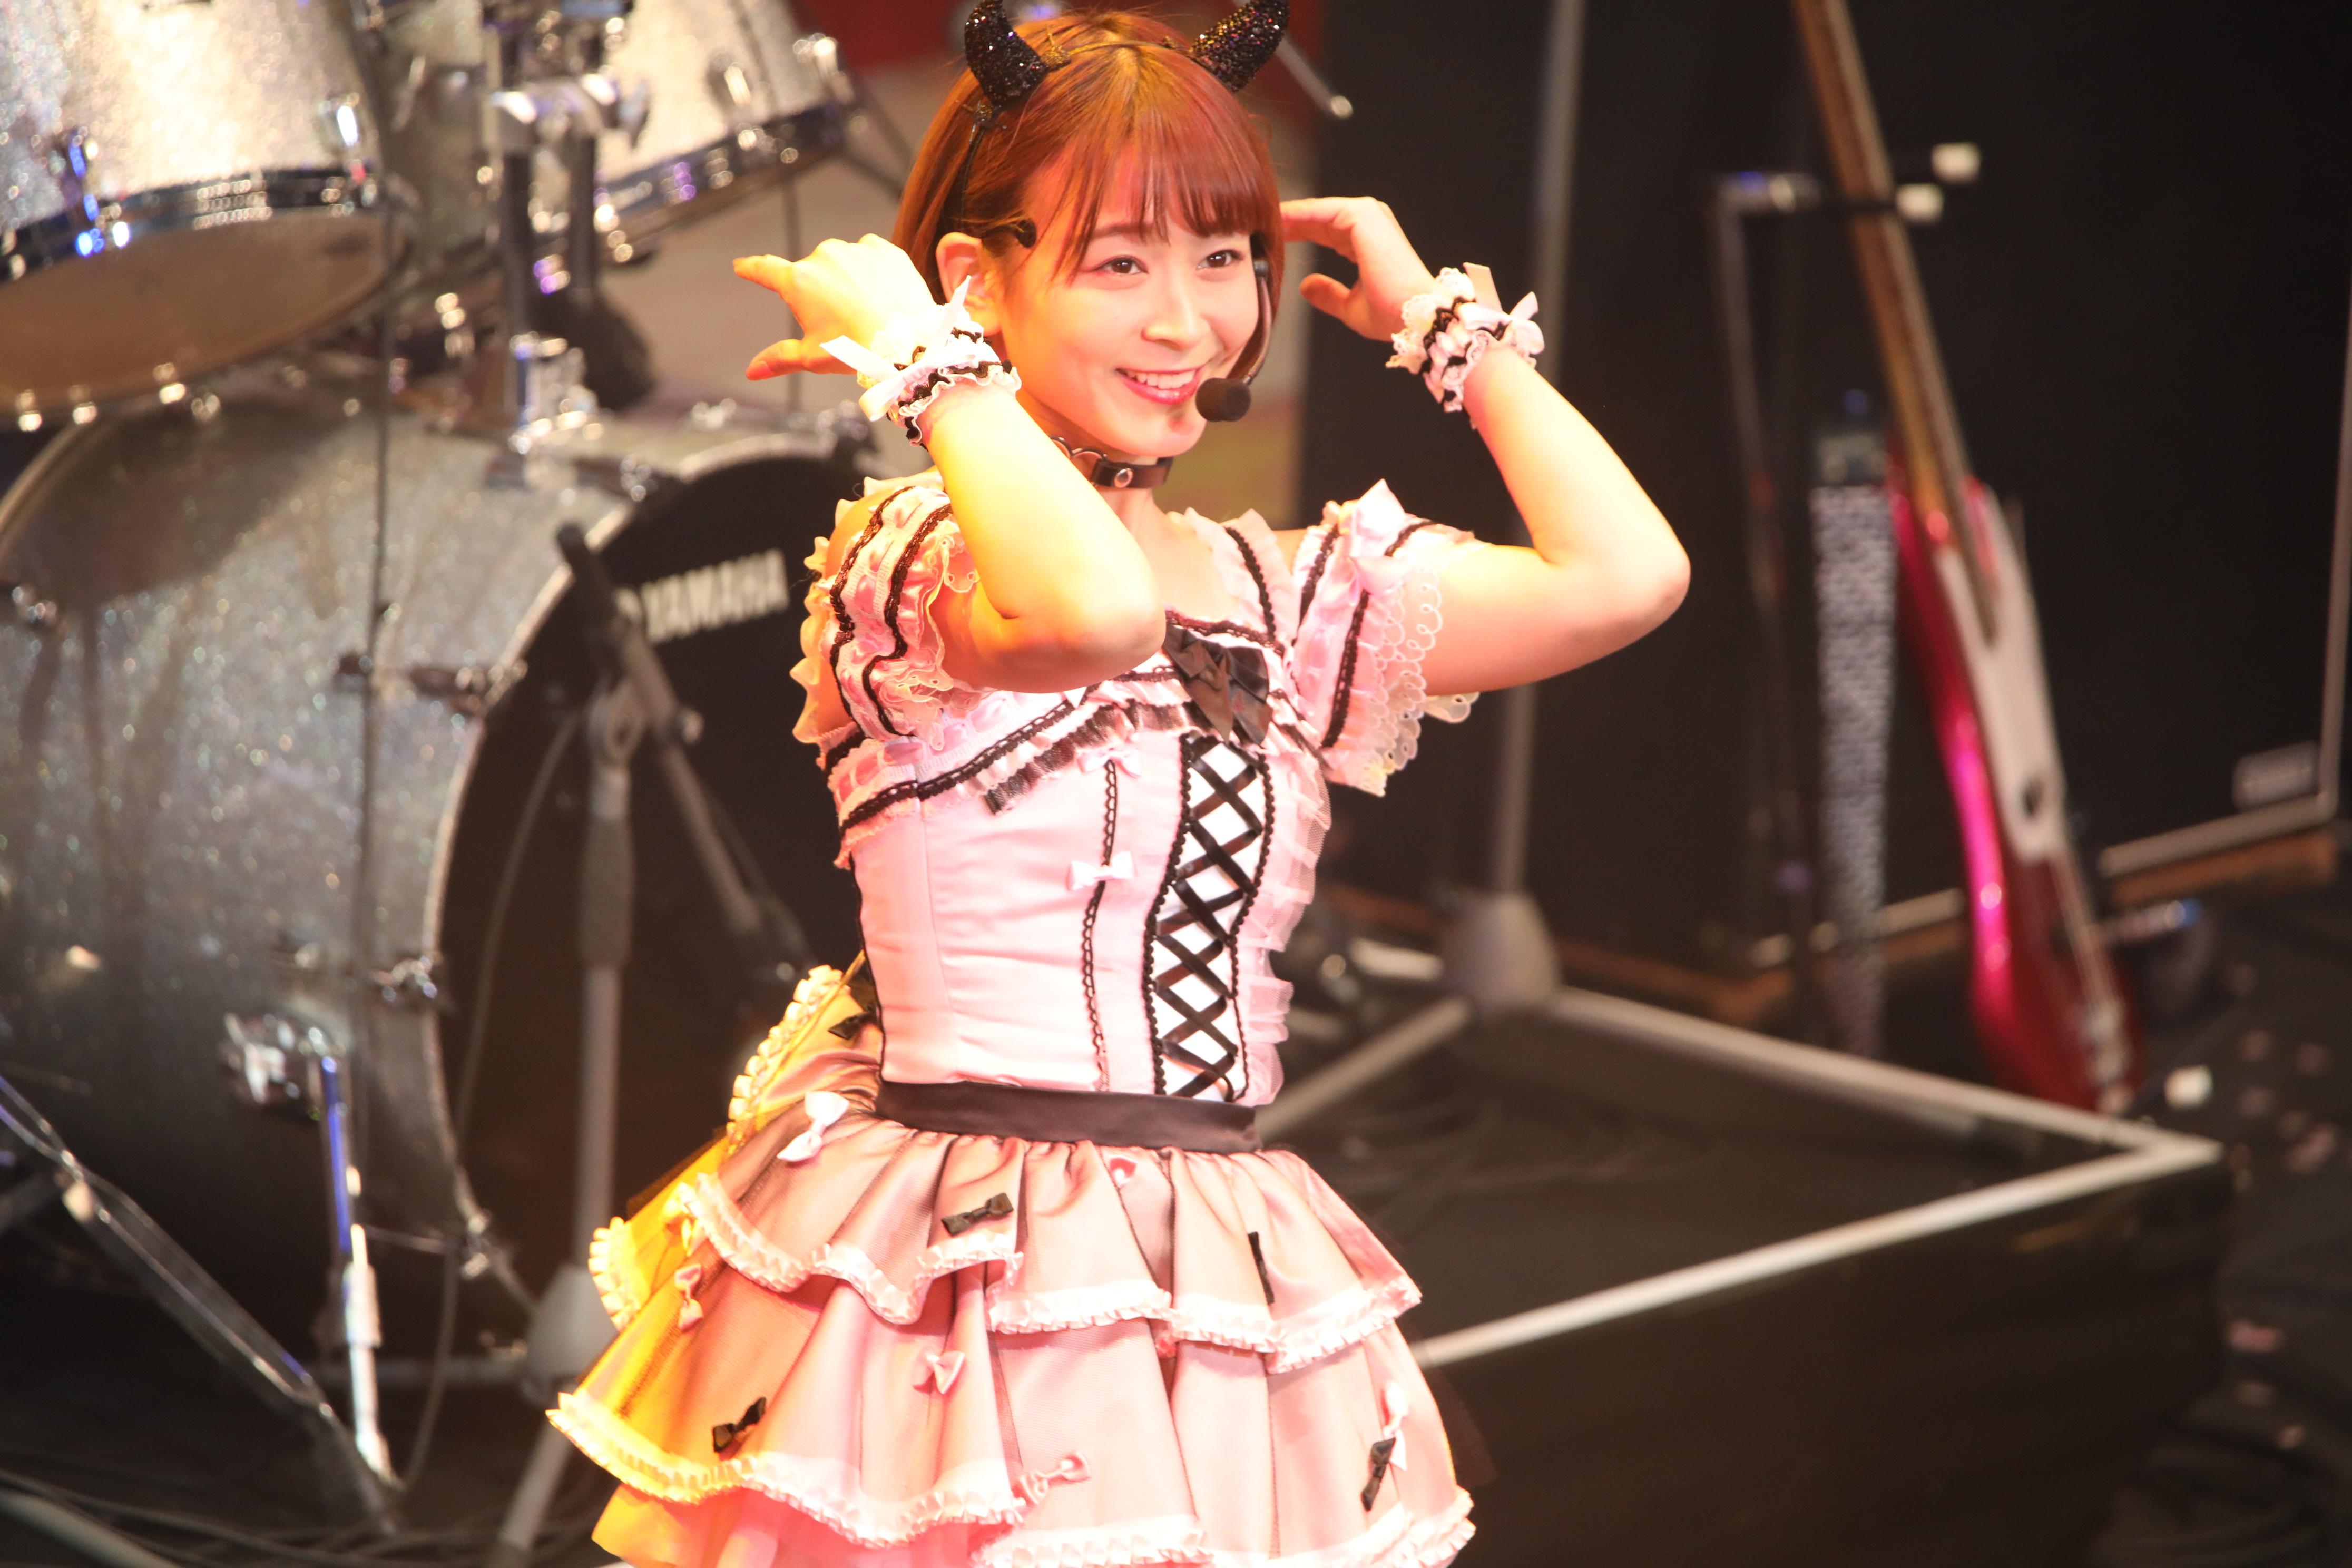 チーム8結成5周年コンサートで『たなきー』を披露する太田奈緒